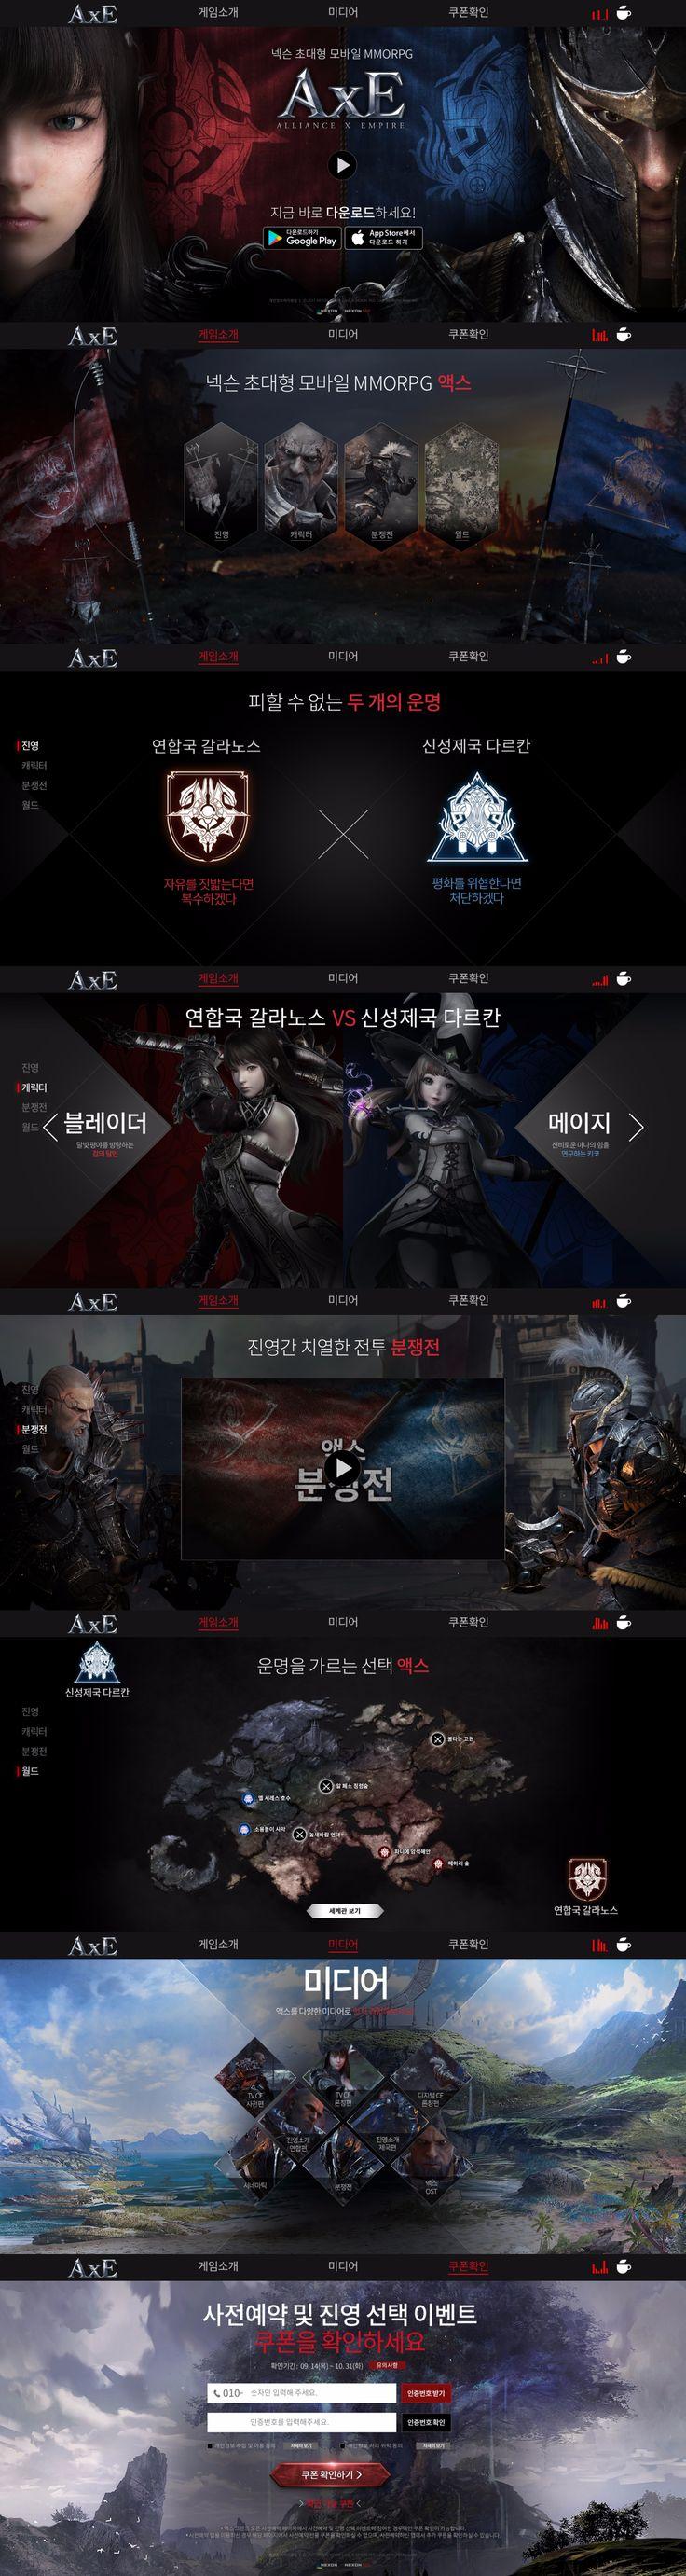 넥슨_신규모바일게임_엑스_티징사이트